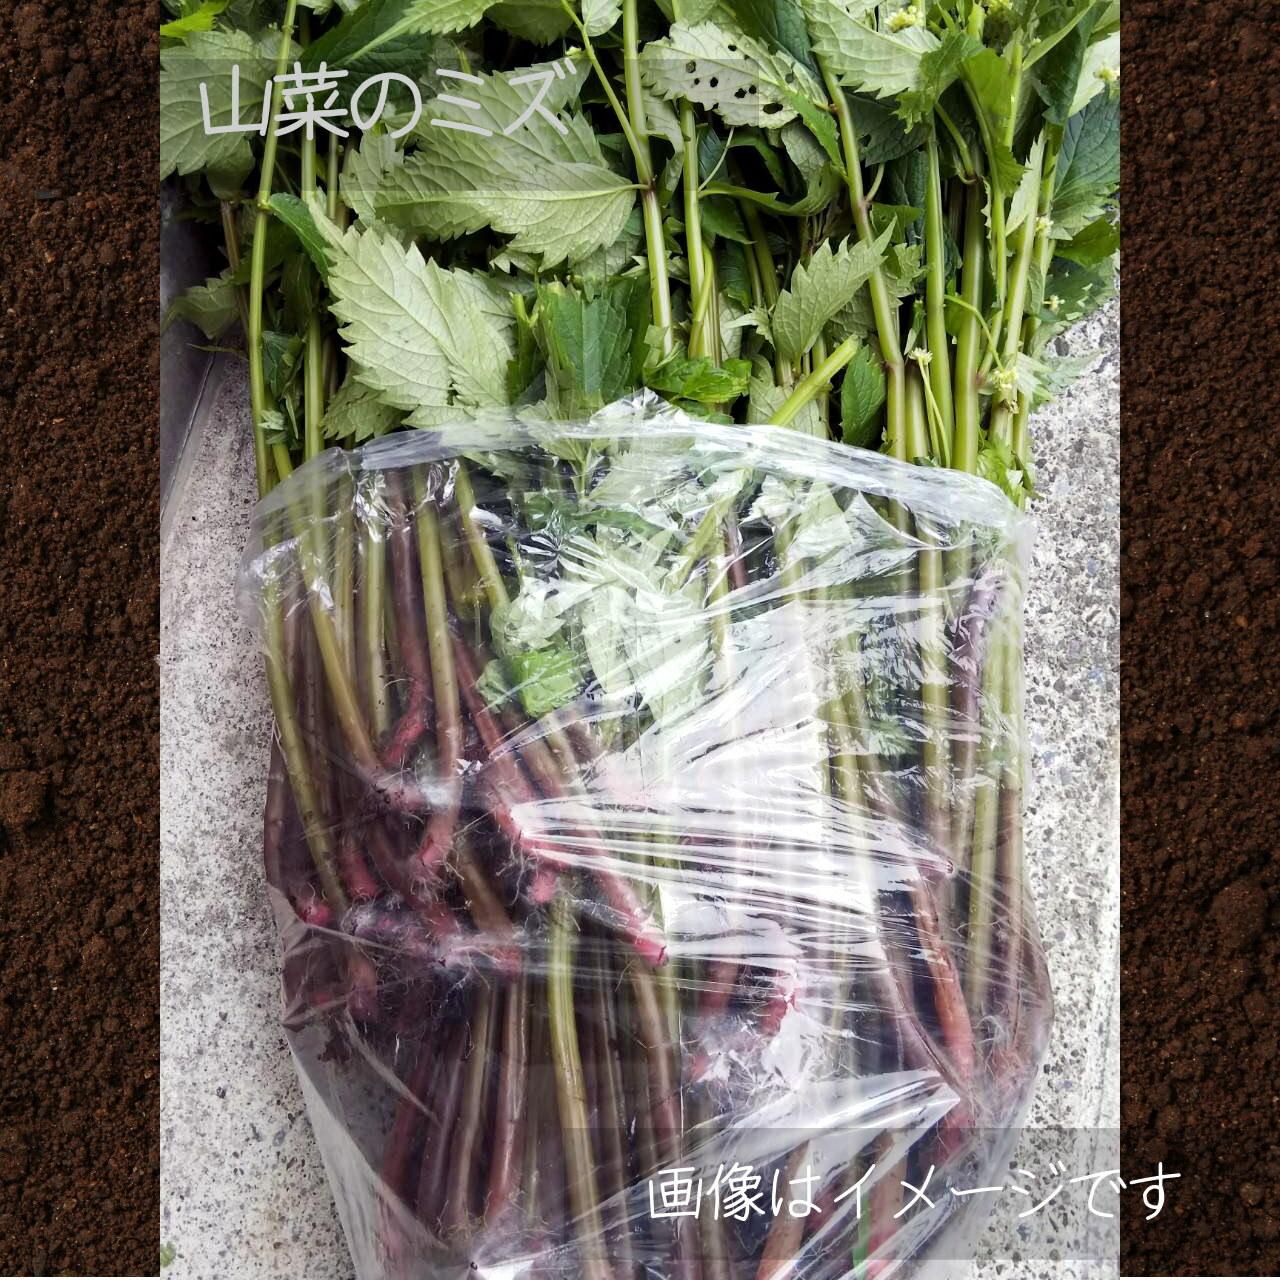 5月の山菜 ミズ 1束 朝採り直売野菜:5月11日発送予定